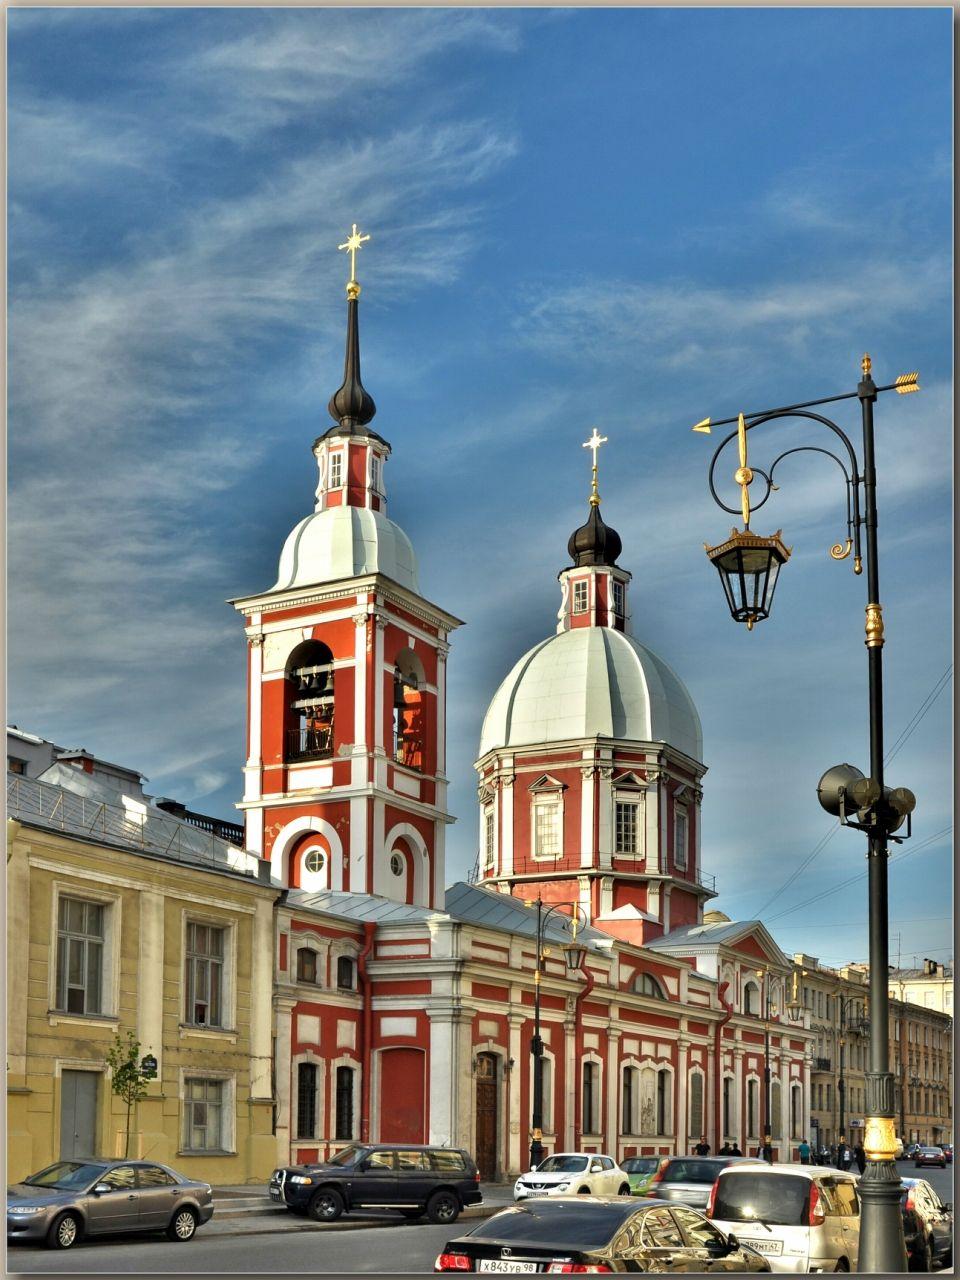 Pestel Street in Saint Petersburg, Russia